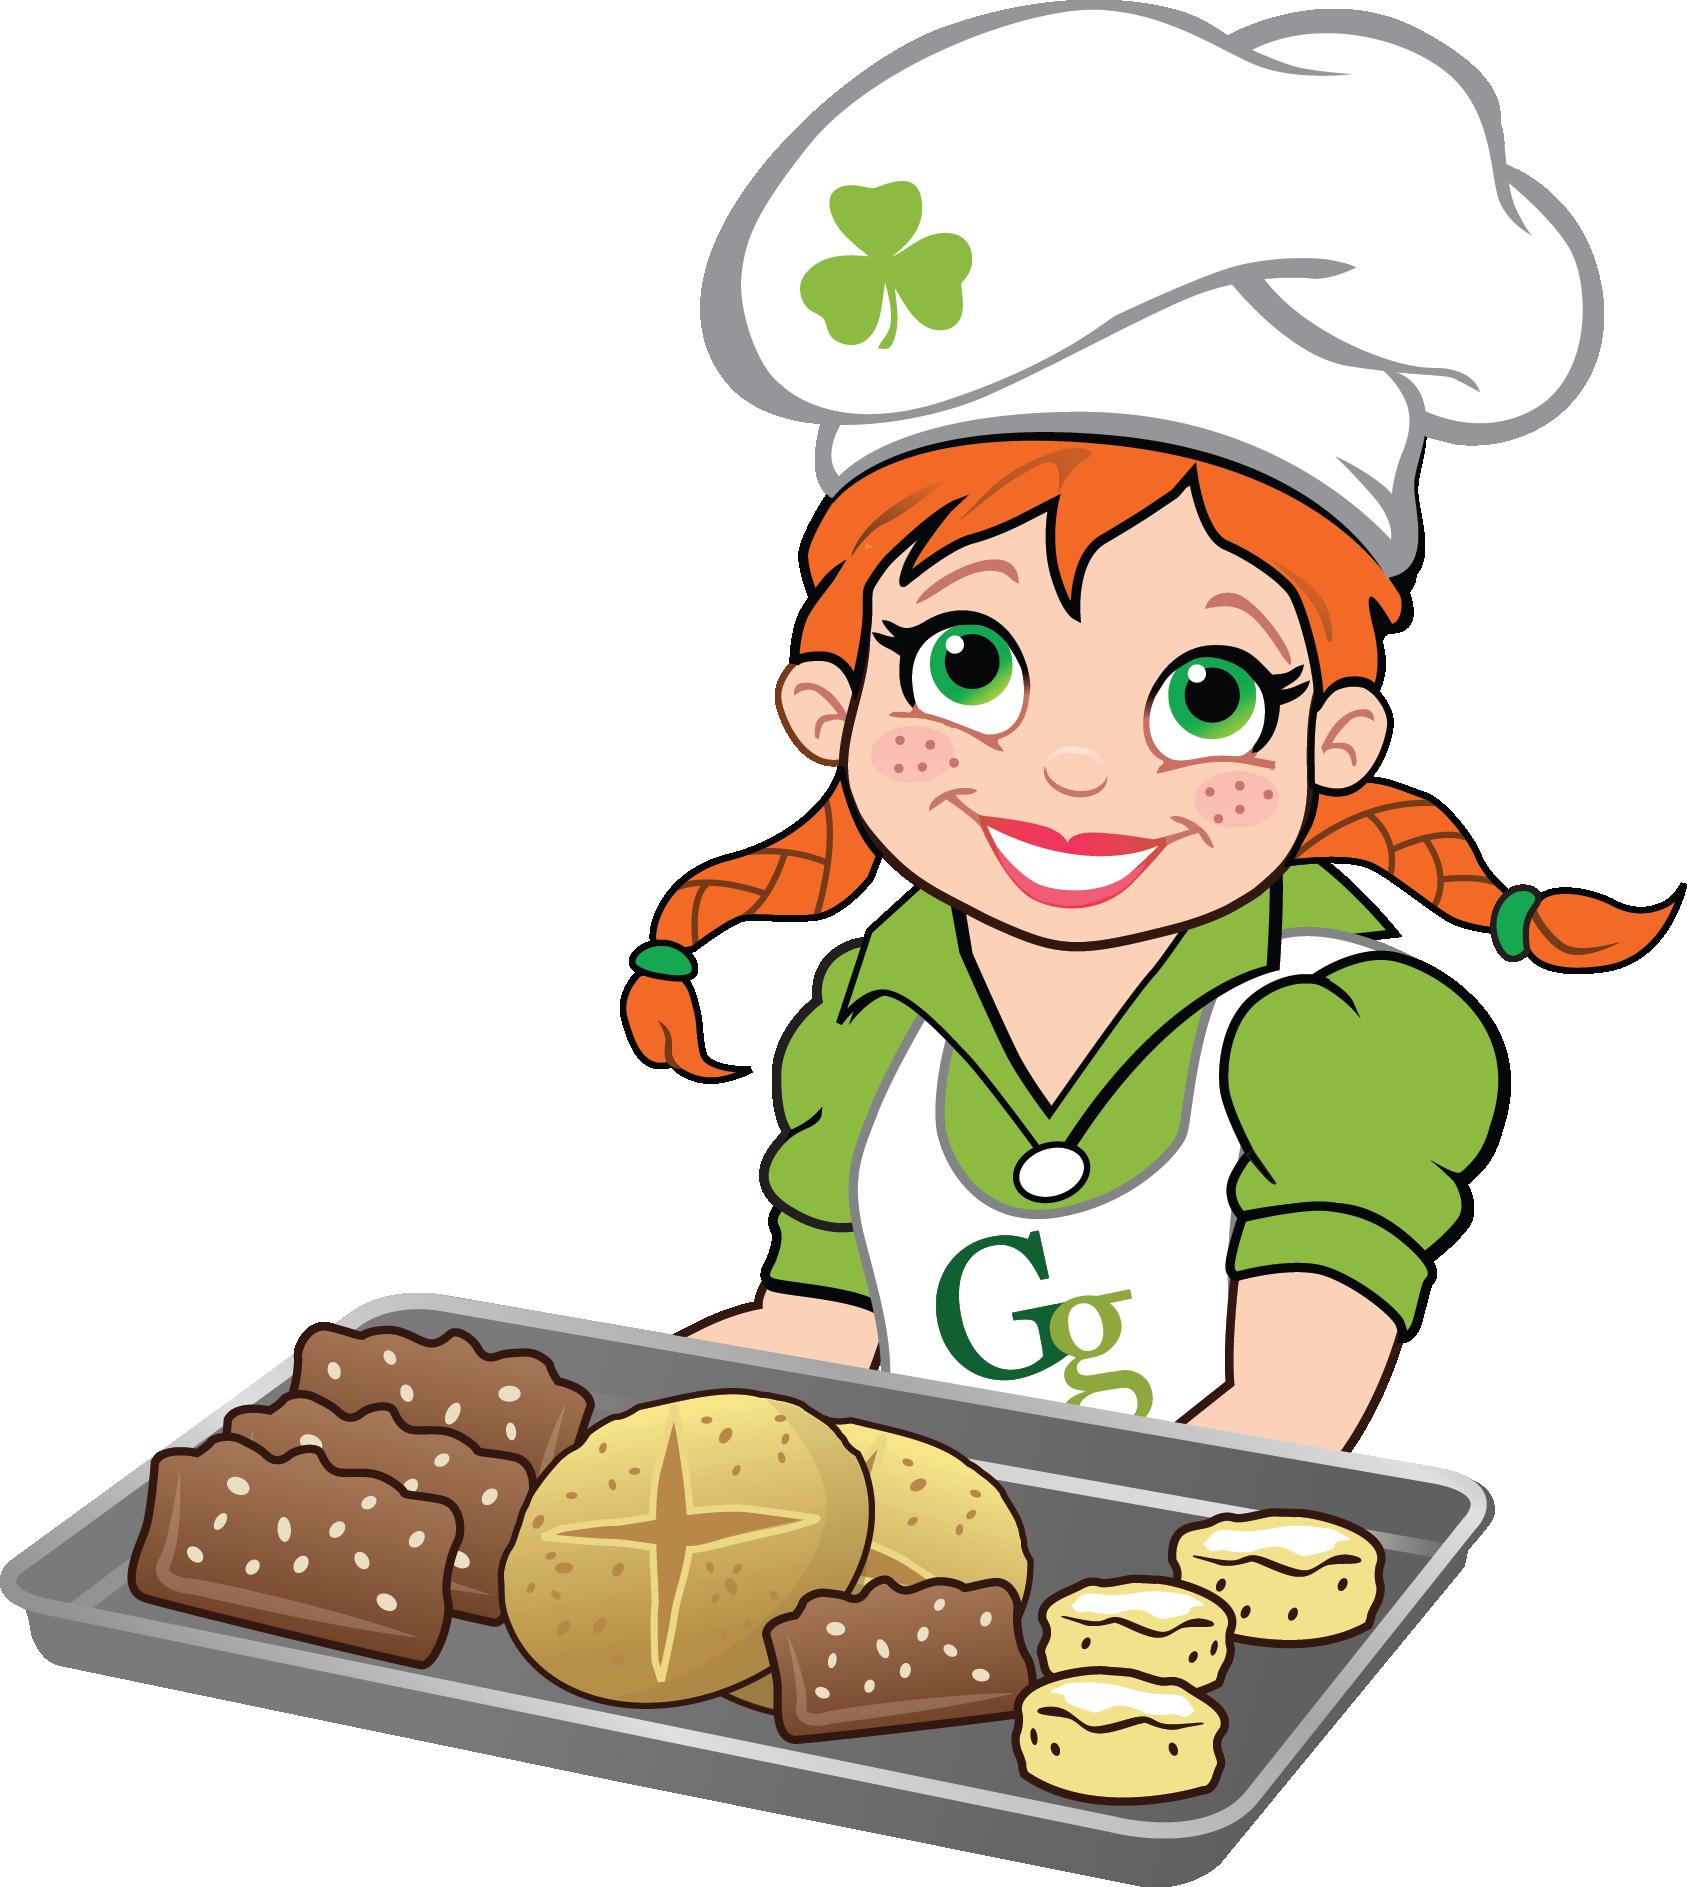 Clipart bread homemade bread. Introducing gaelic girl mixes